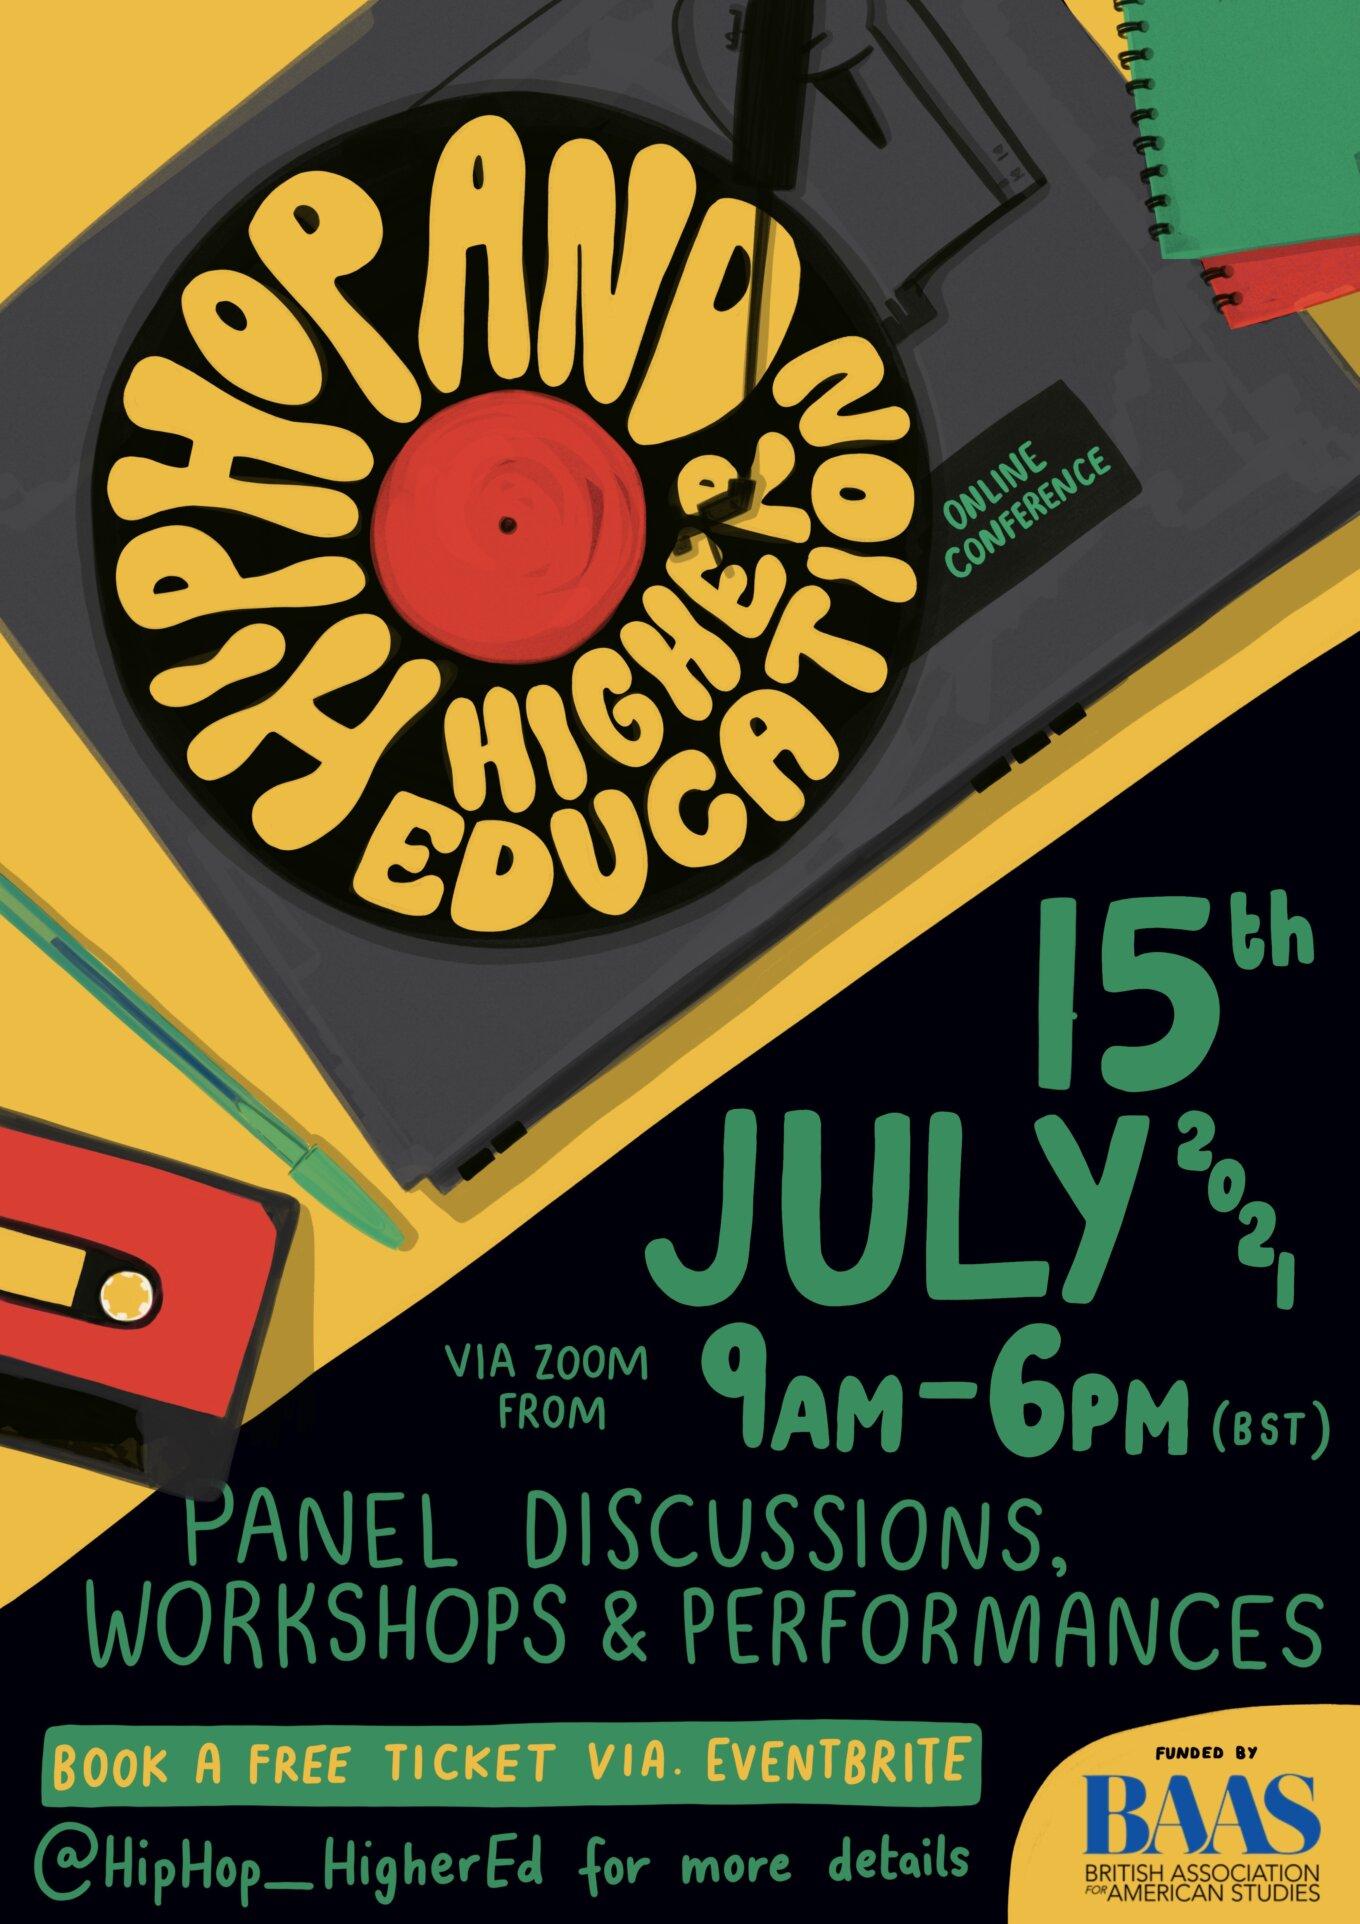 Hip Hop Higher Education Poster 1 2